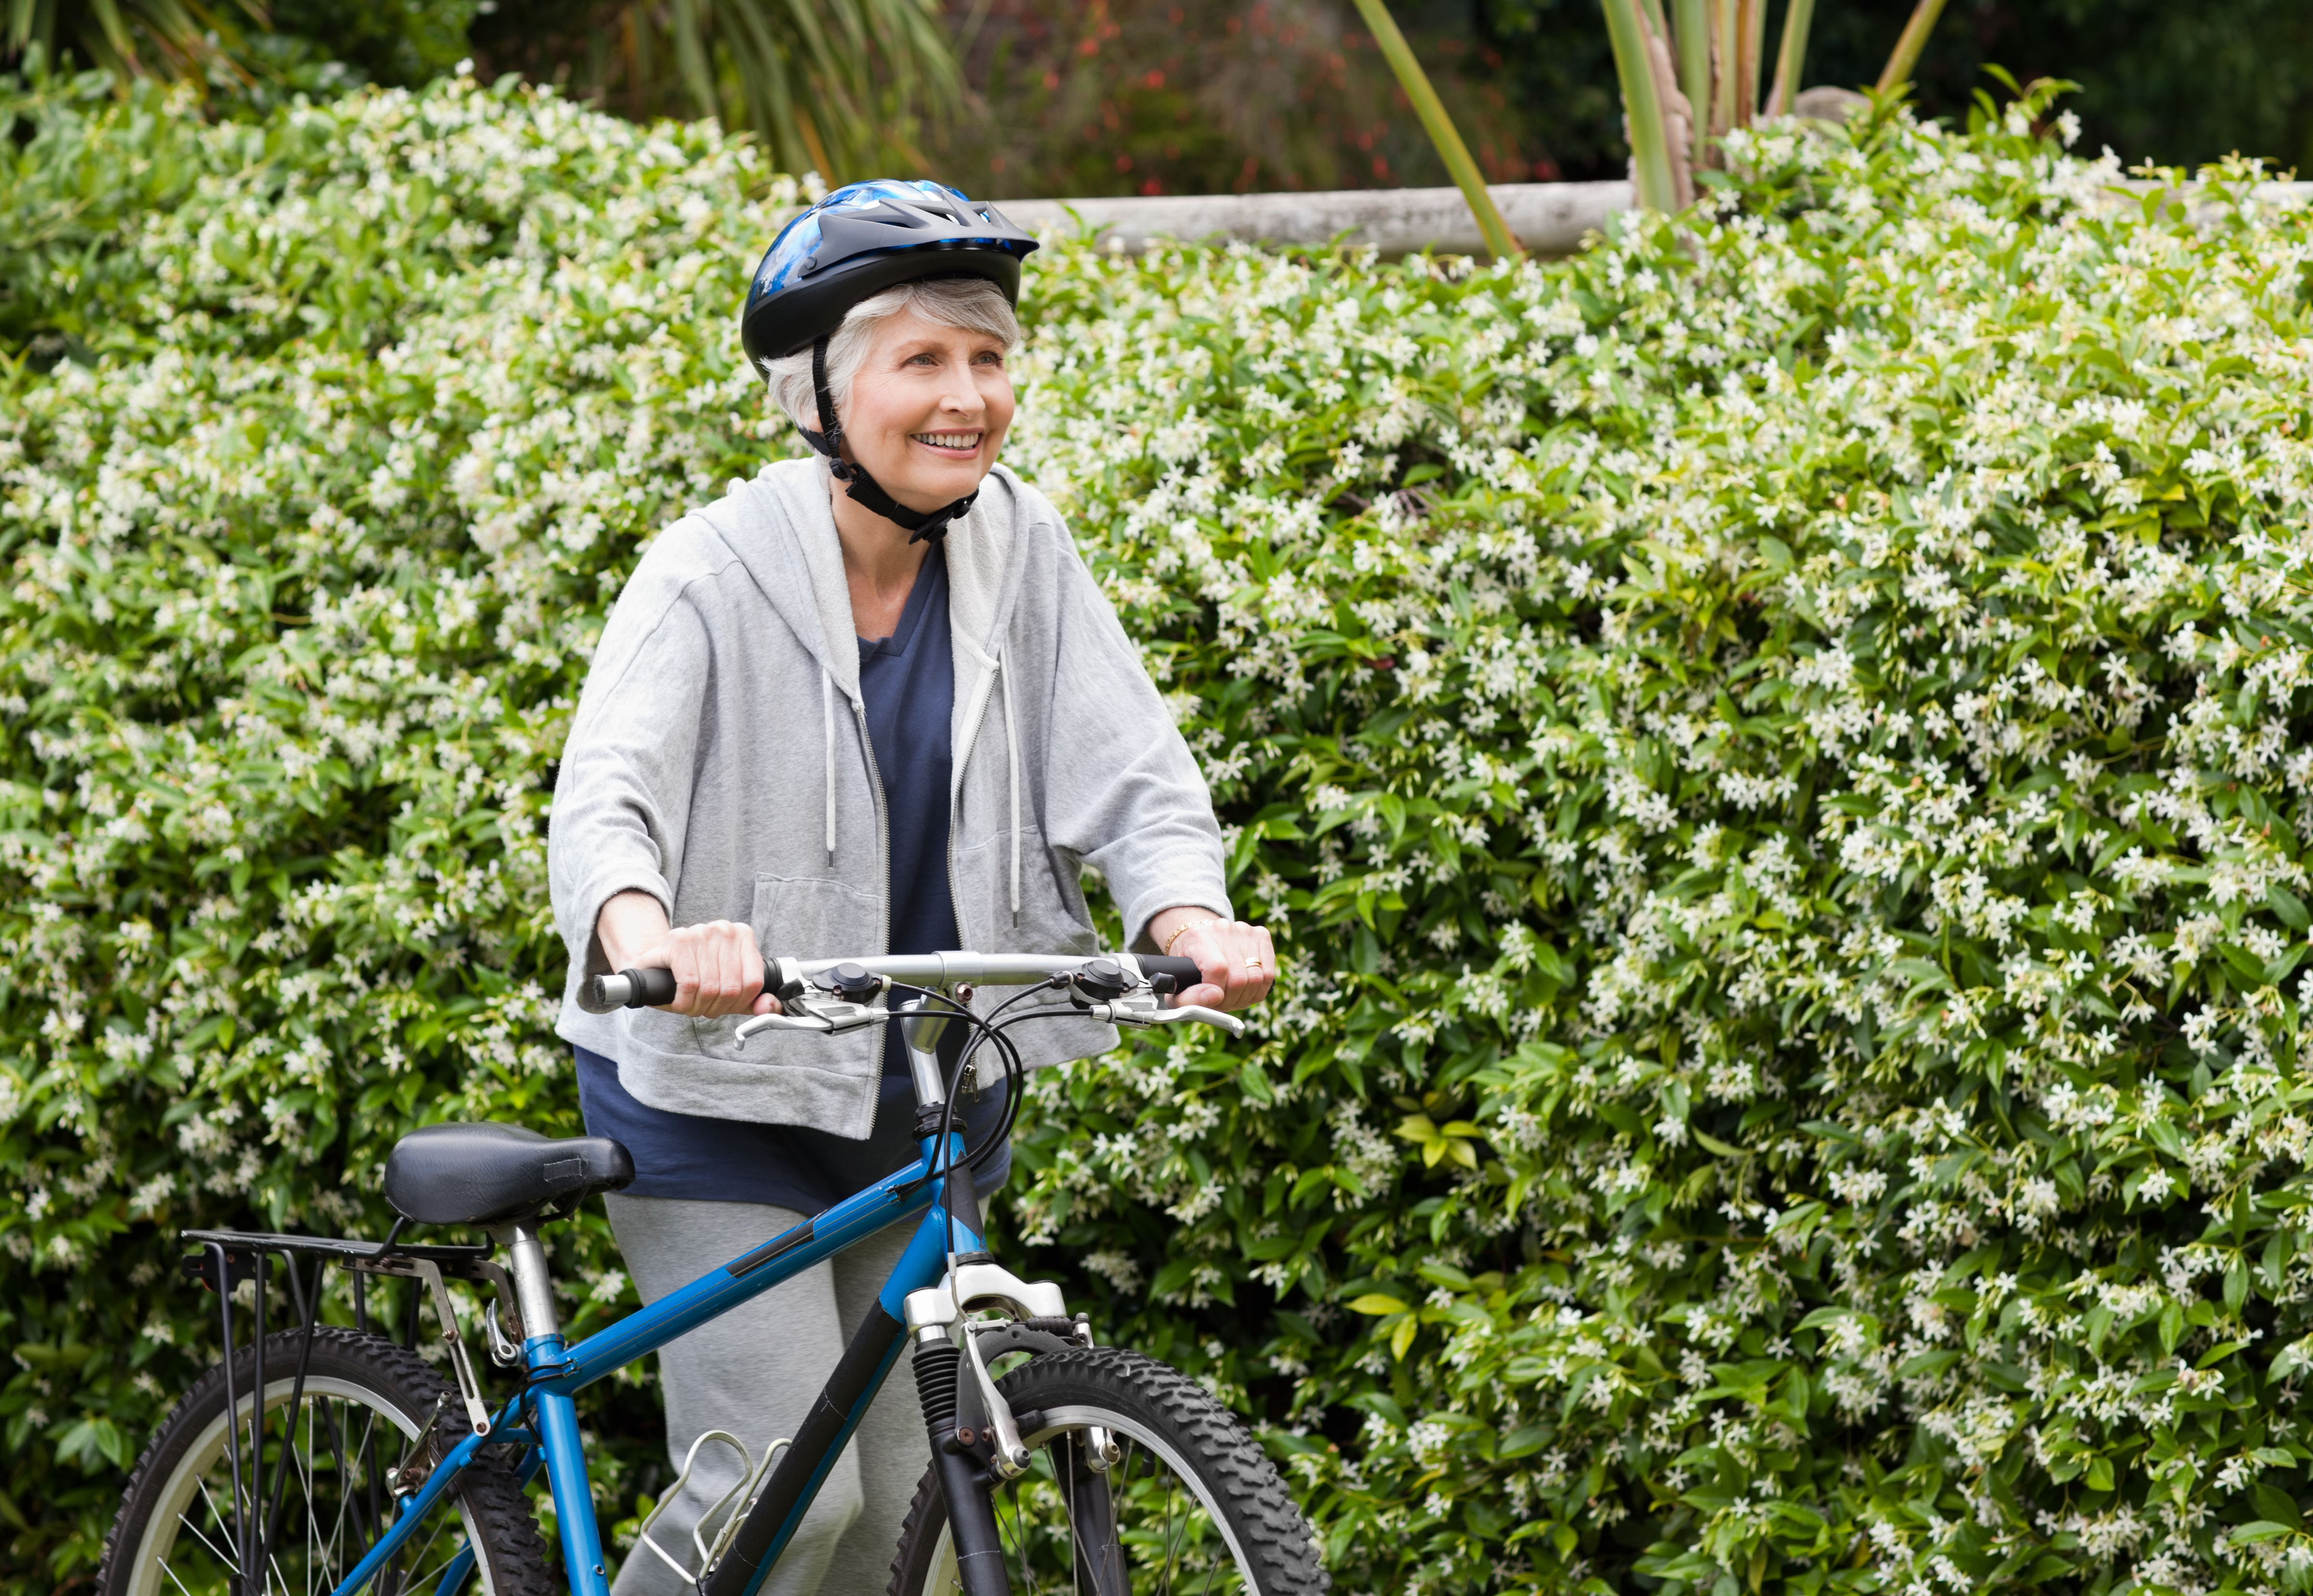 En åldersgrupp där kvinnor kontinuerligt har visat sig bättre på att använda cykelhjälm är bland cyklister över 65 år.